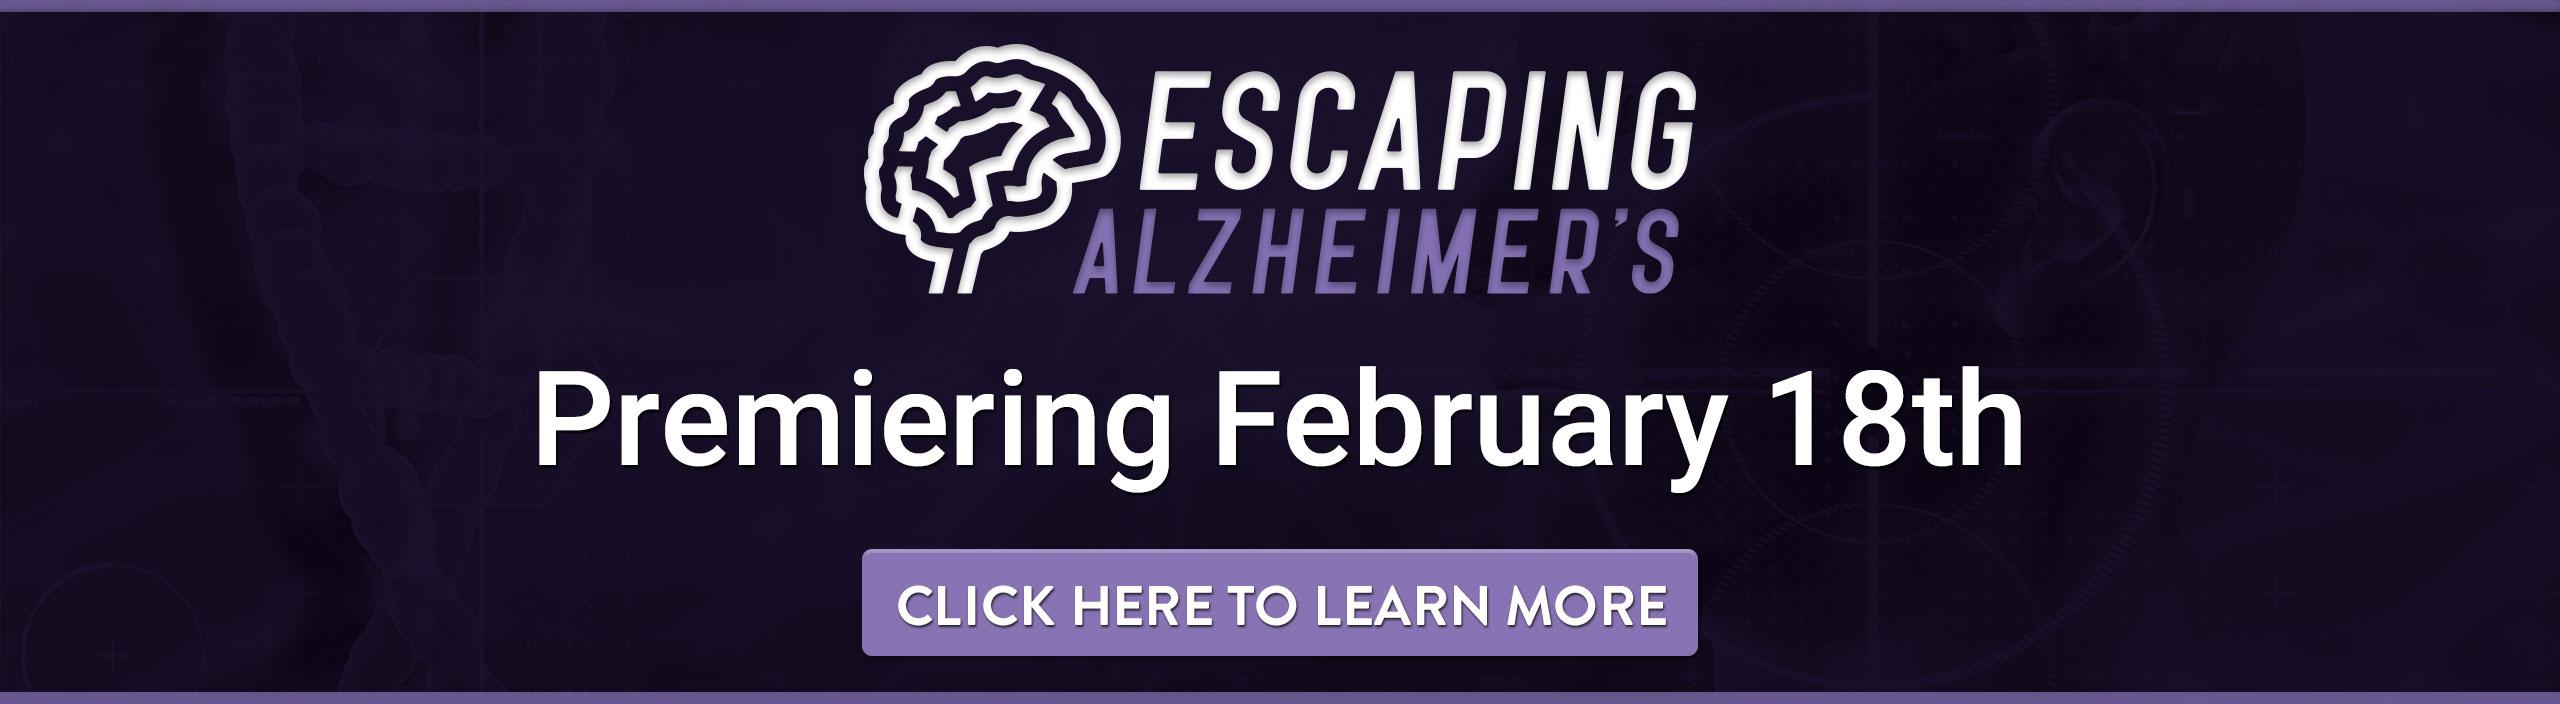 Escaping Alzheimer's